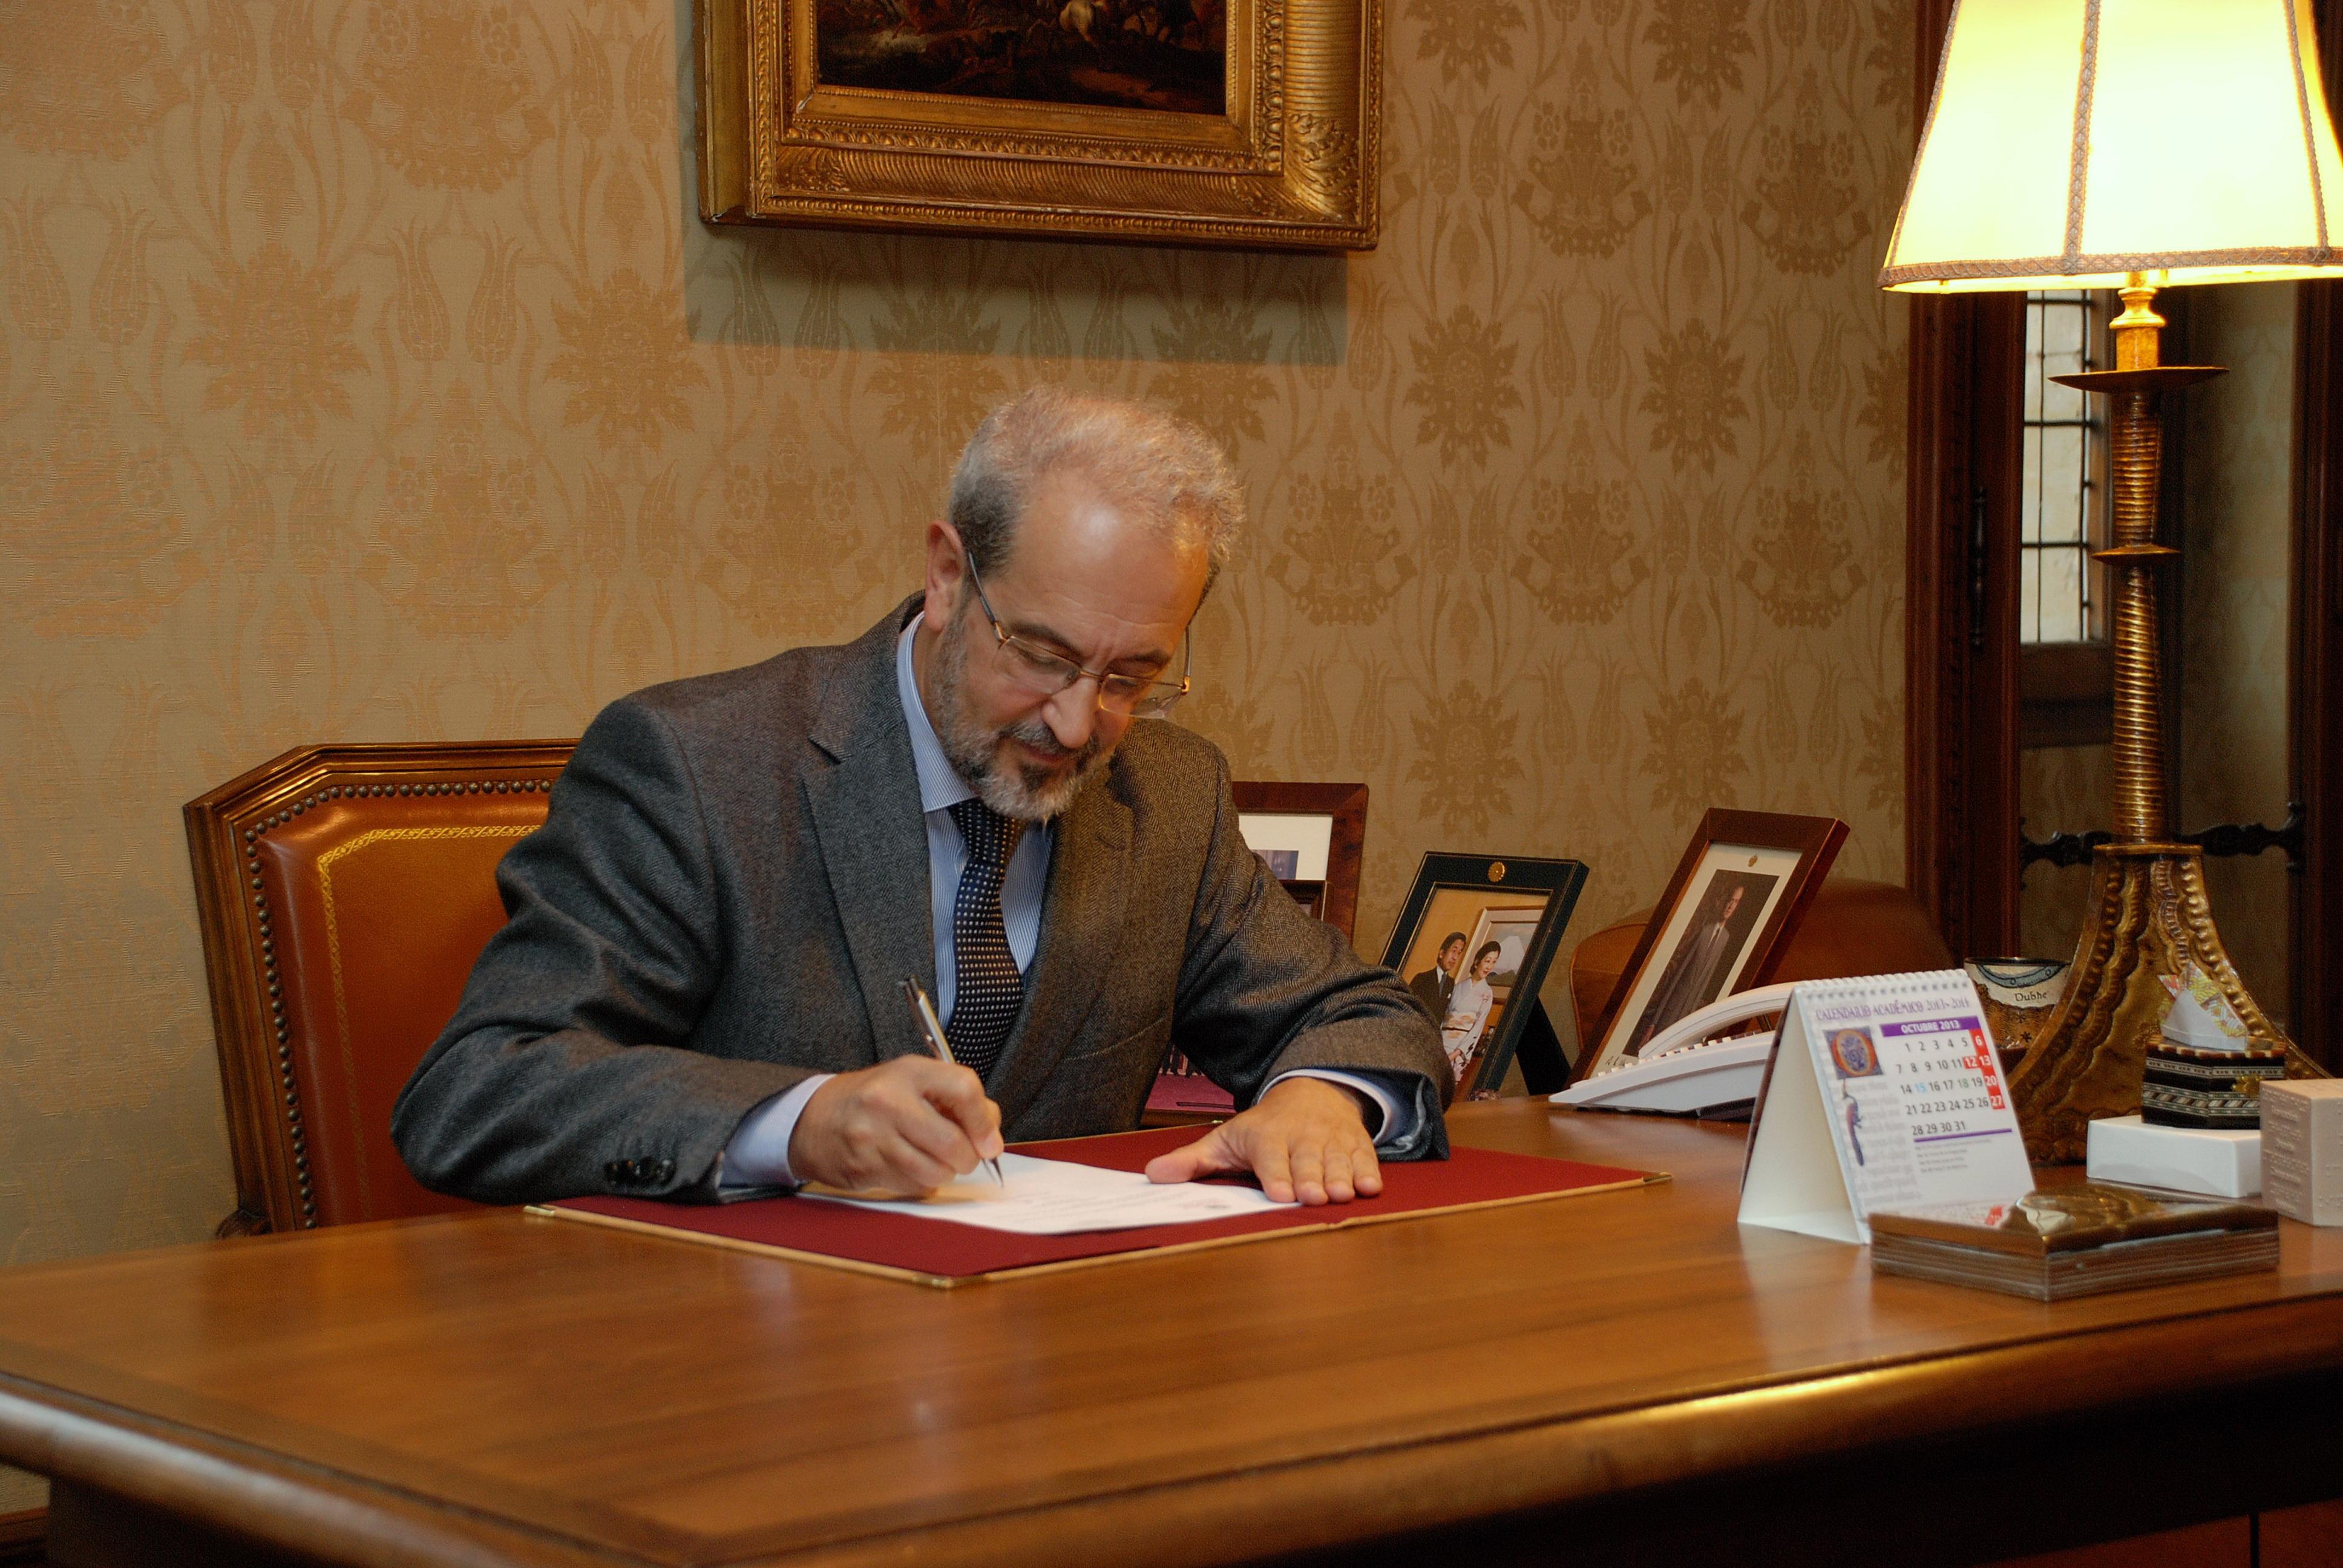 El rector Daniel Hernández Ruipérez convoca elecciones a Rector de la Universidad de Salamanca